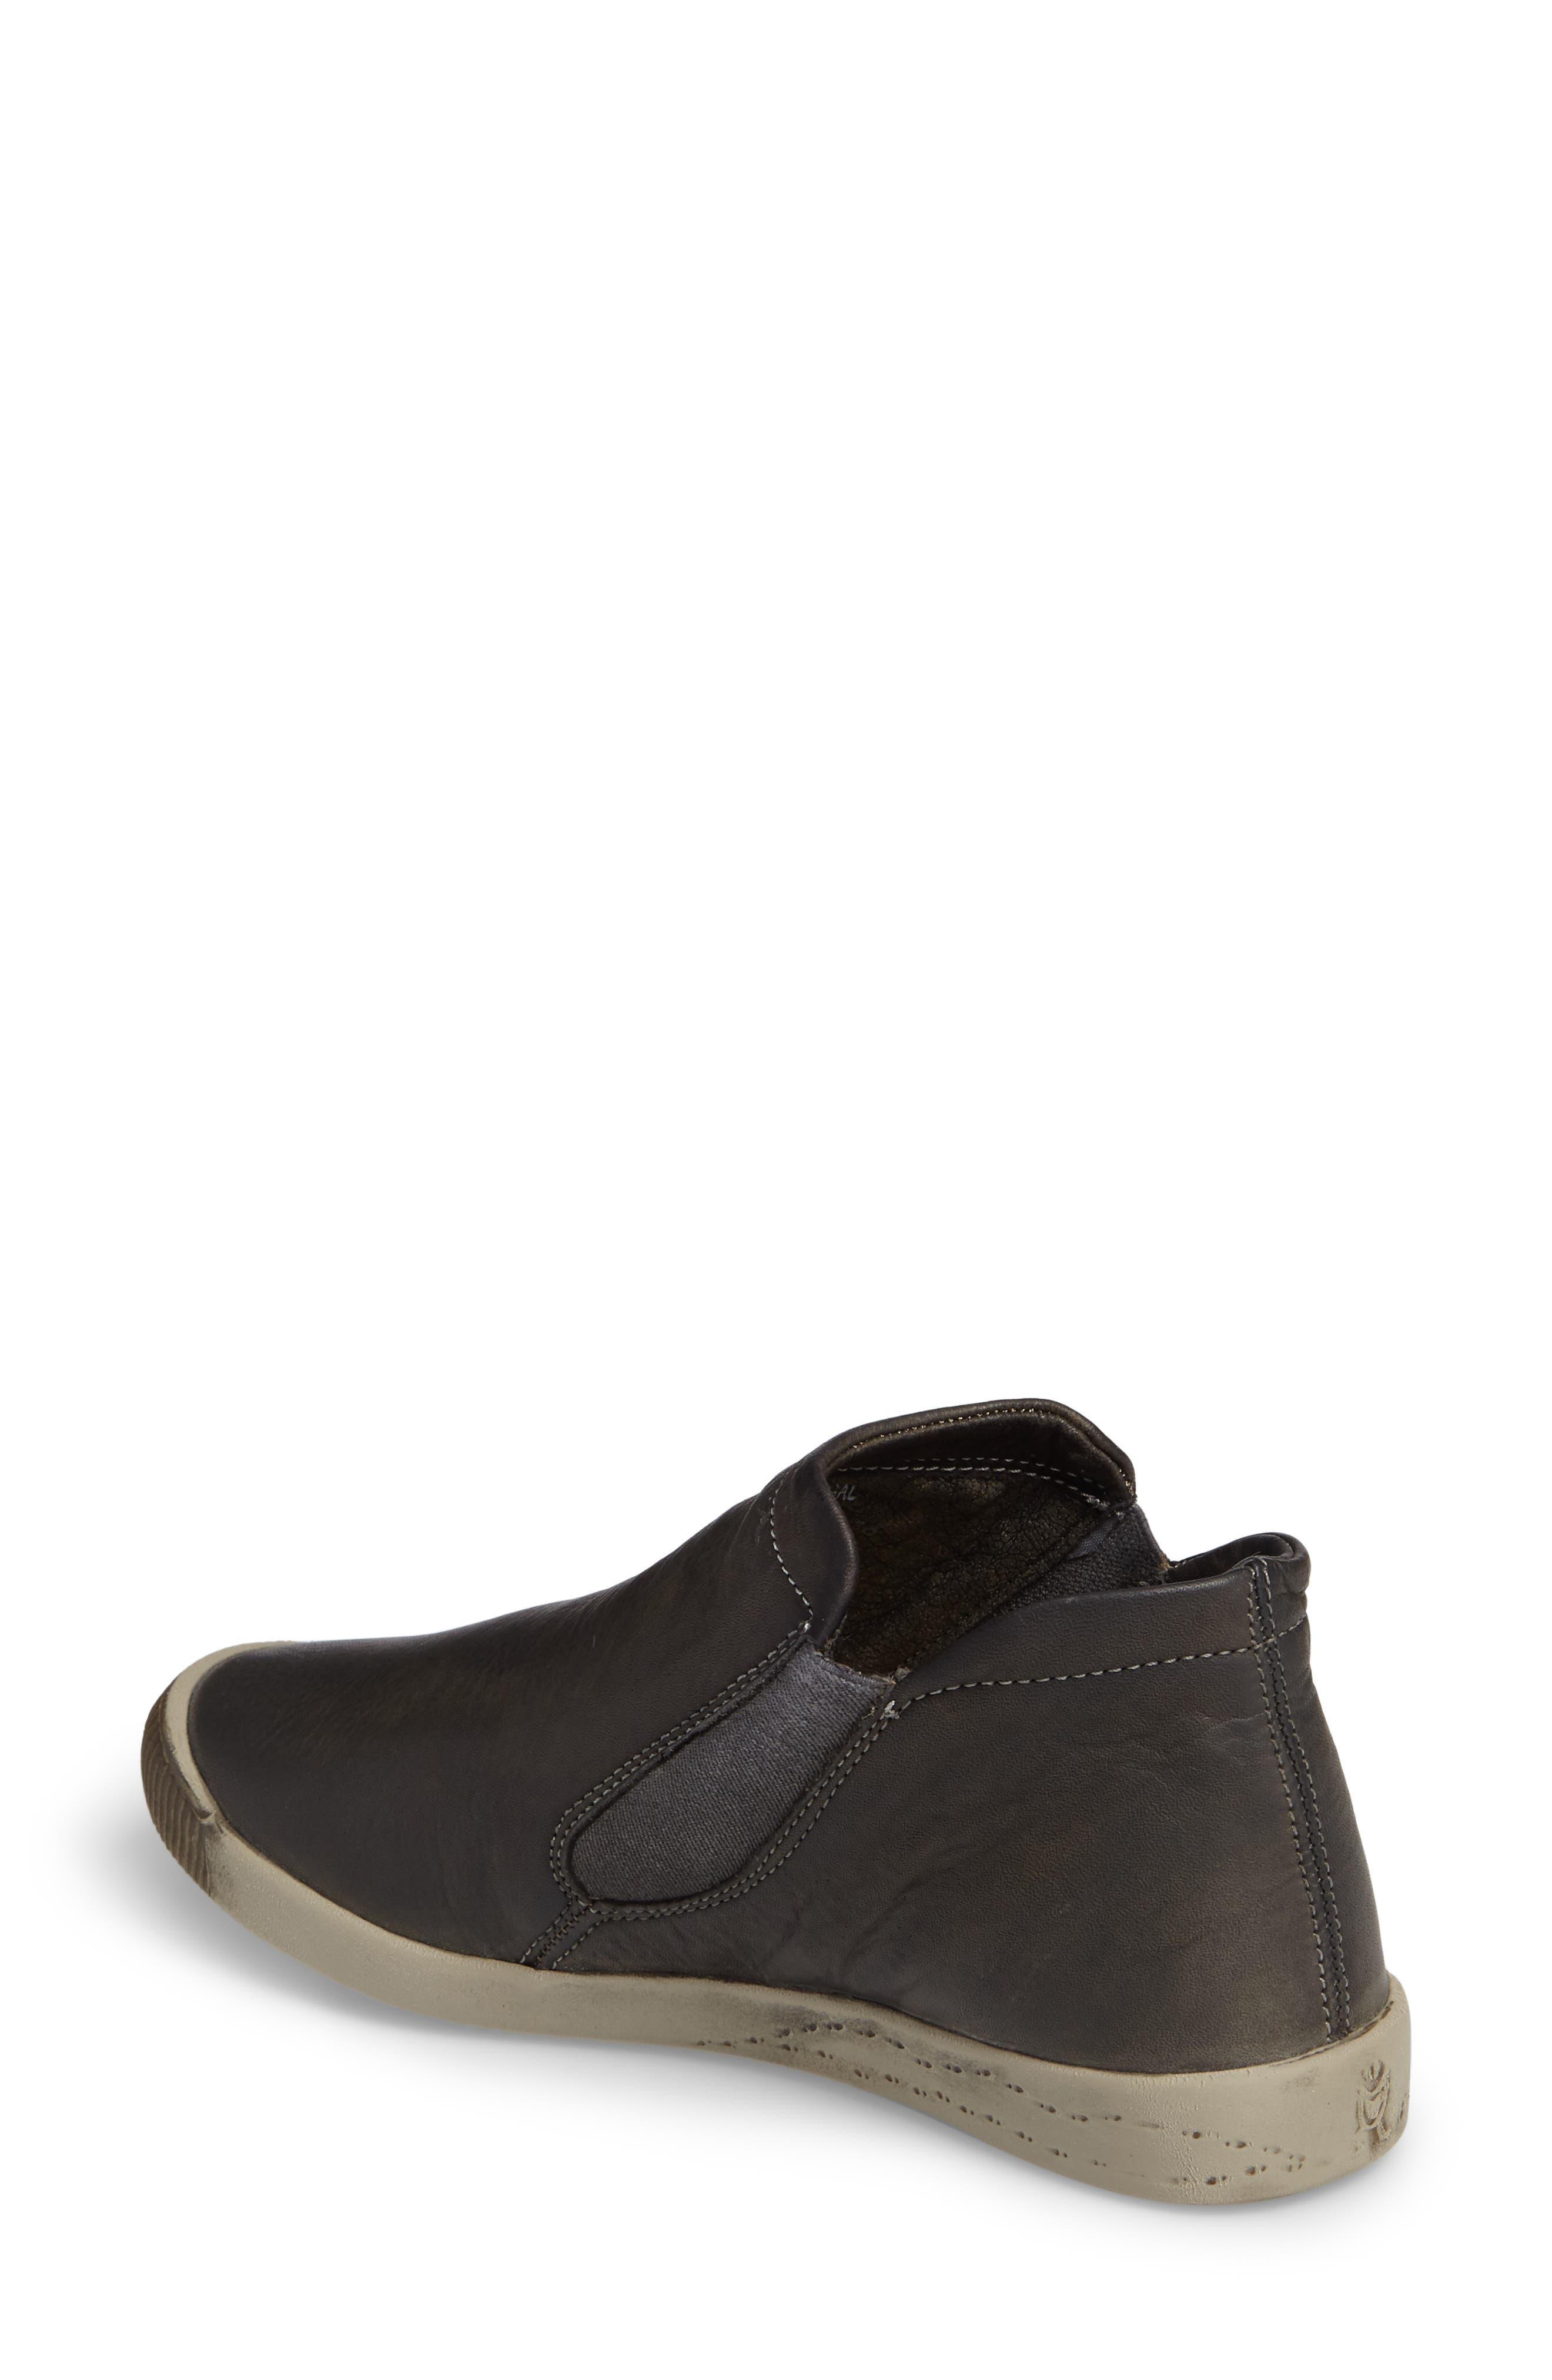 Inge Slip-On Sneaker,                             Alternate thumbnail 2, color,                             Military Leather